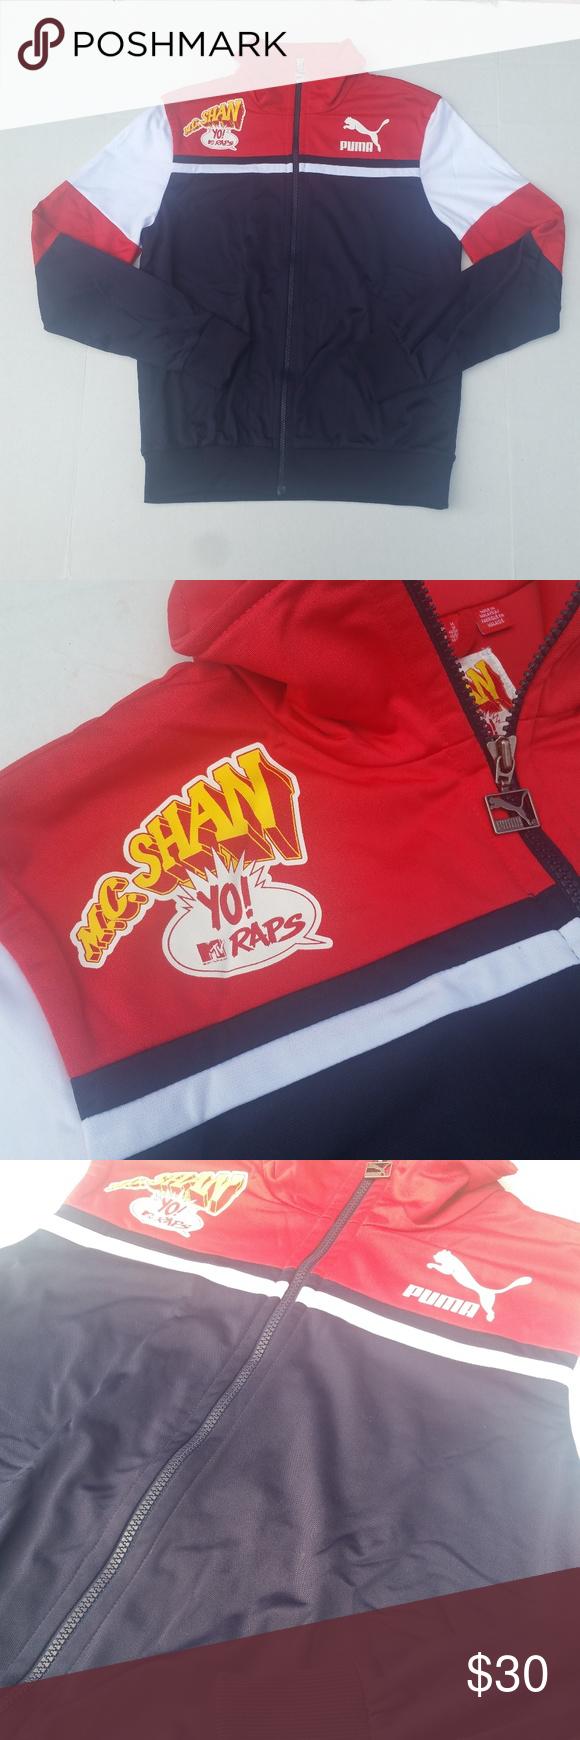 bbad527566de Vintage MTVRaps Puma Track jacket Great condition vintage Puma MTV Raps